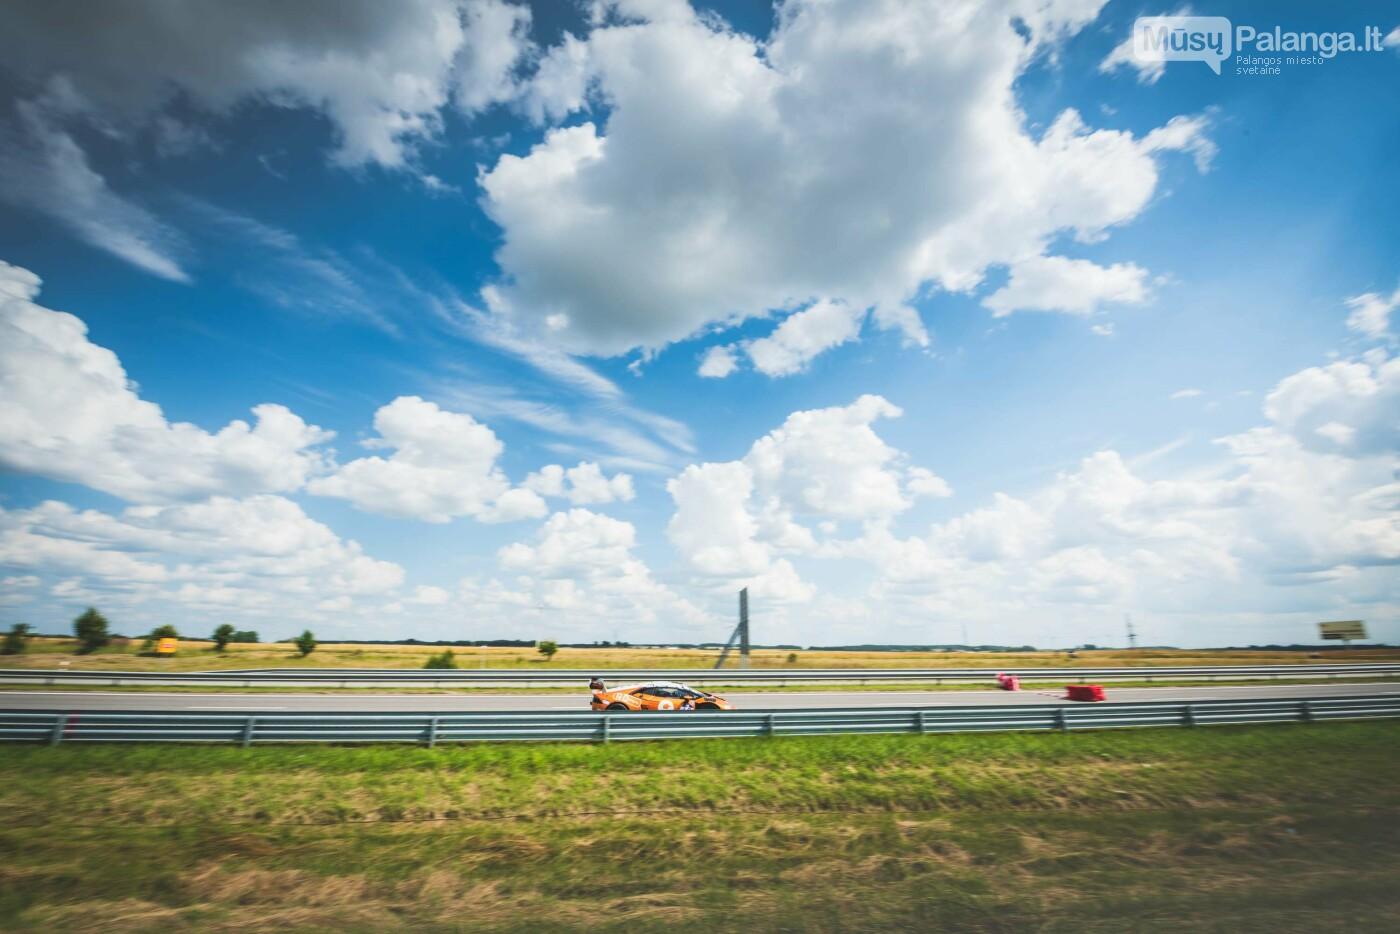 """Pirmoji """"Aurum 1006 km lenktynių"""" repeticija, nuotrauka-35, Arno STRUMILOS nuotr."""